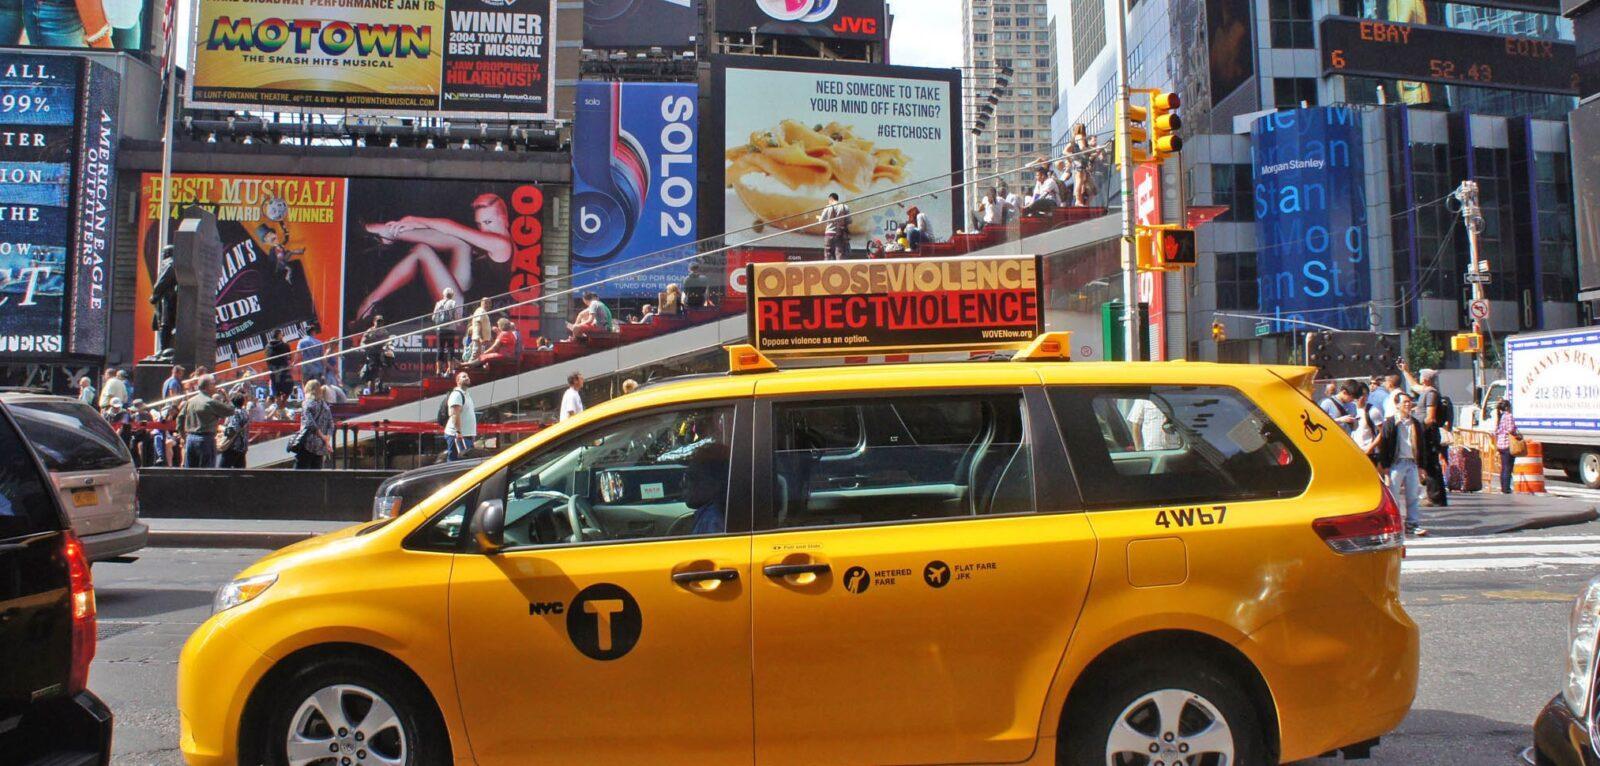 WOVEN Taxi Top Advertising